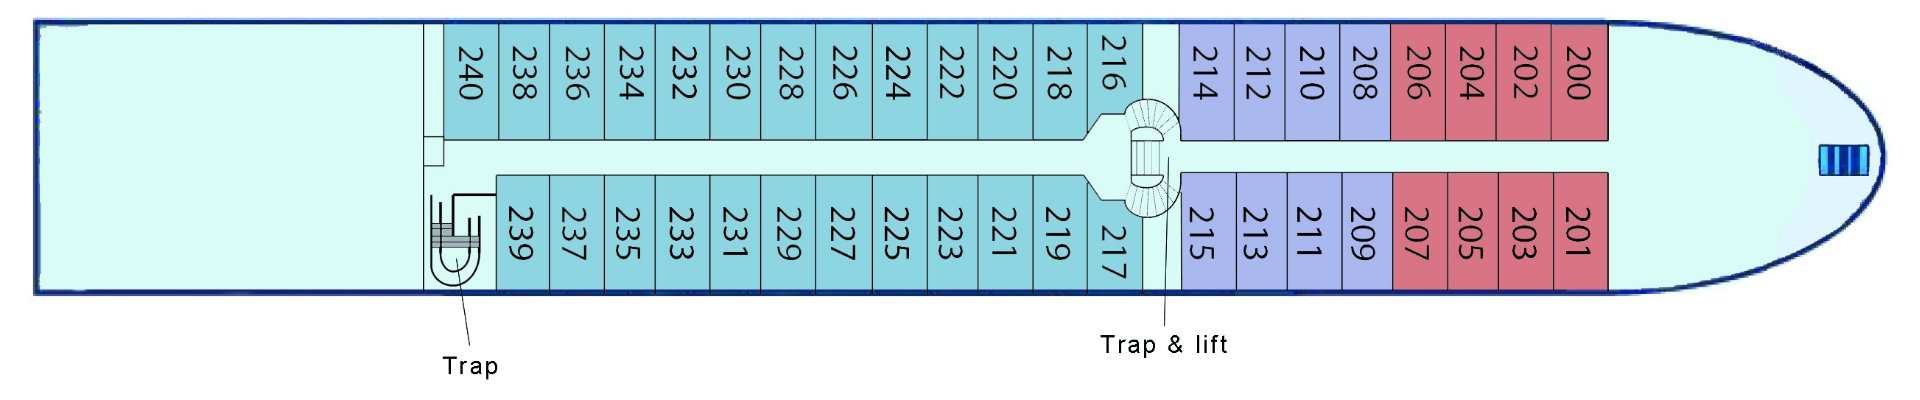 Schip MS Verdi **** Deluxe - plattegrond hoofddek